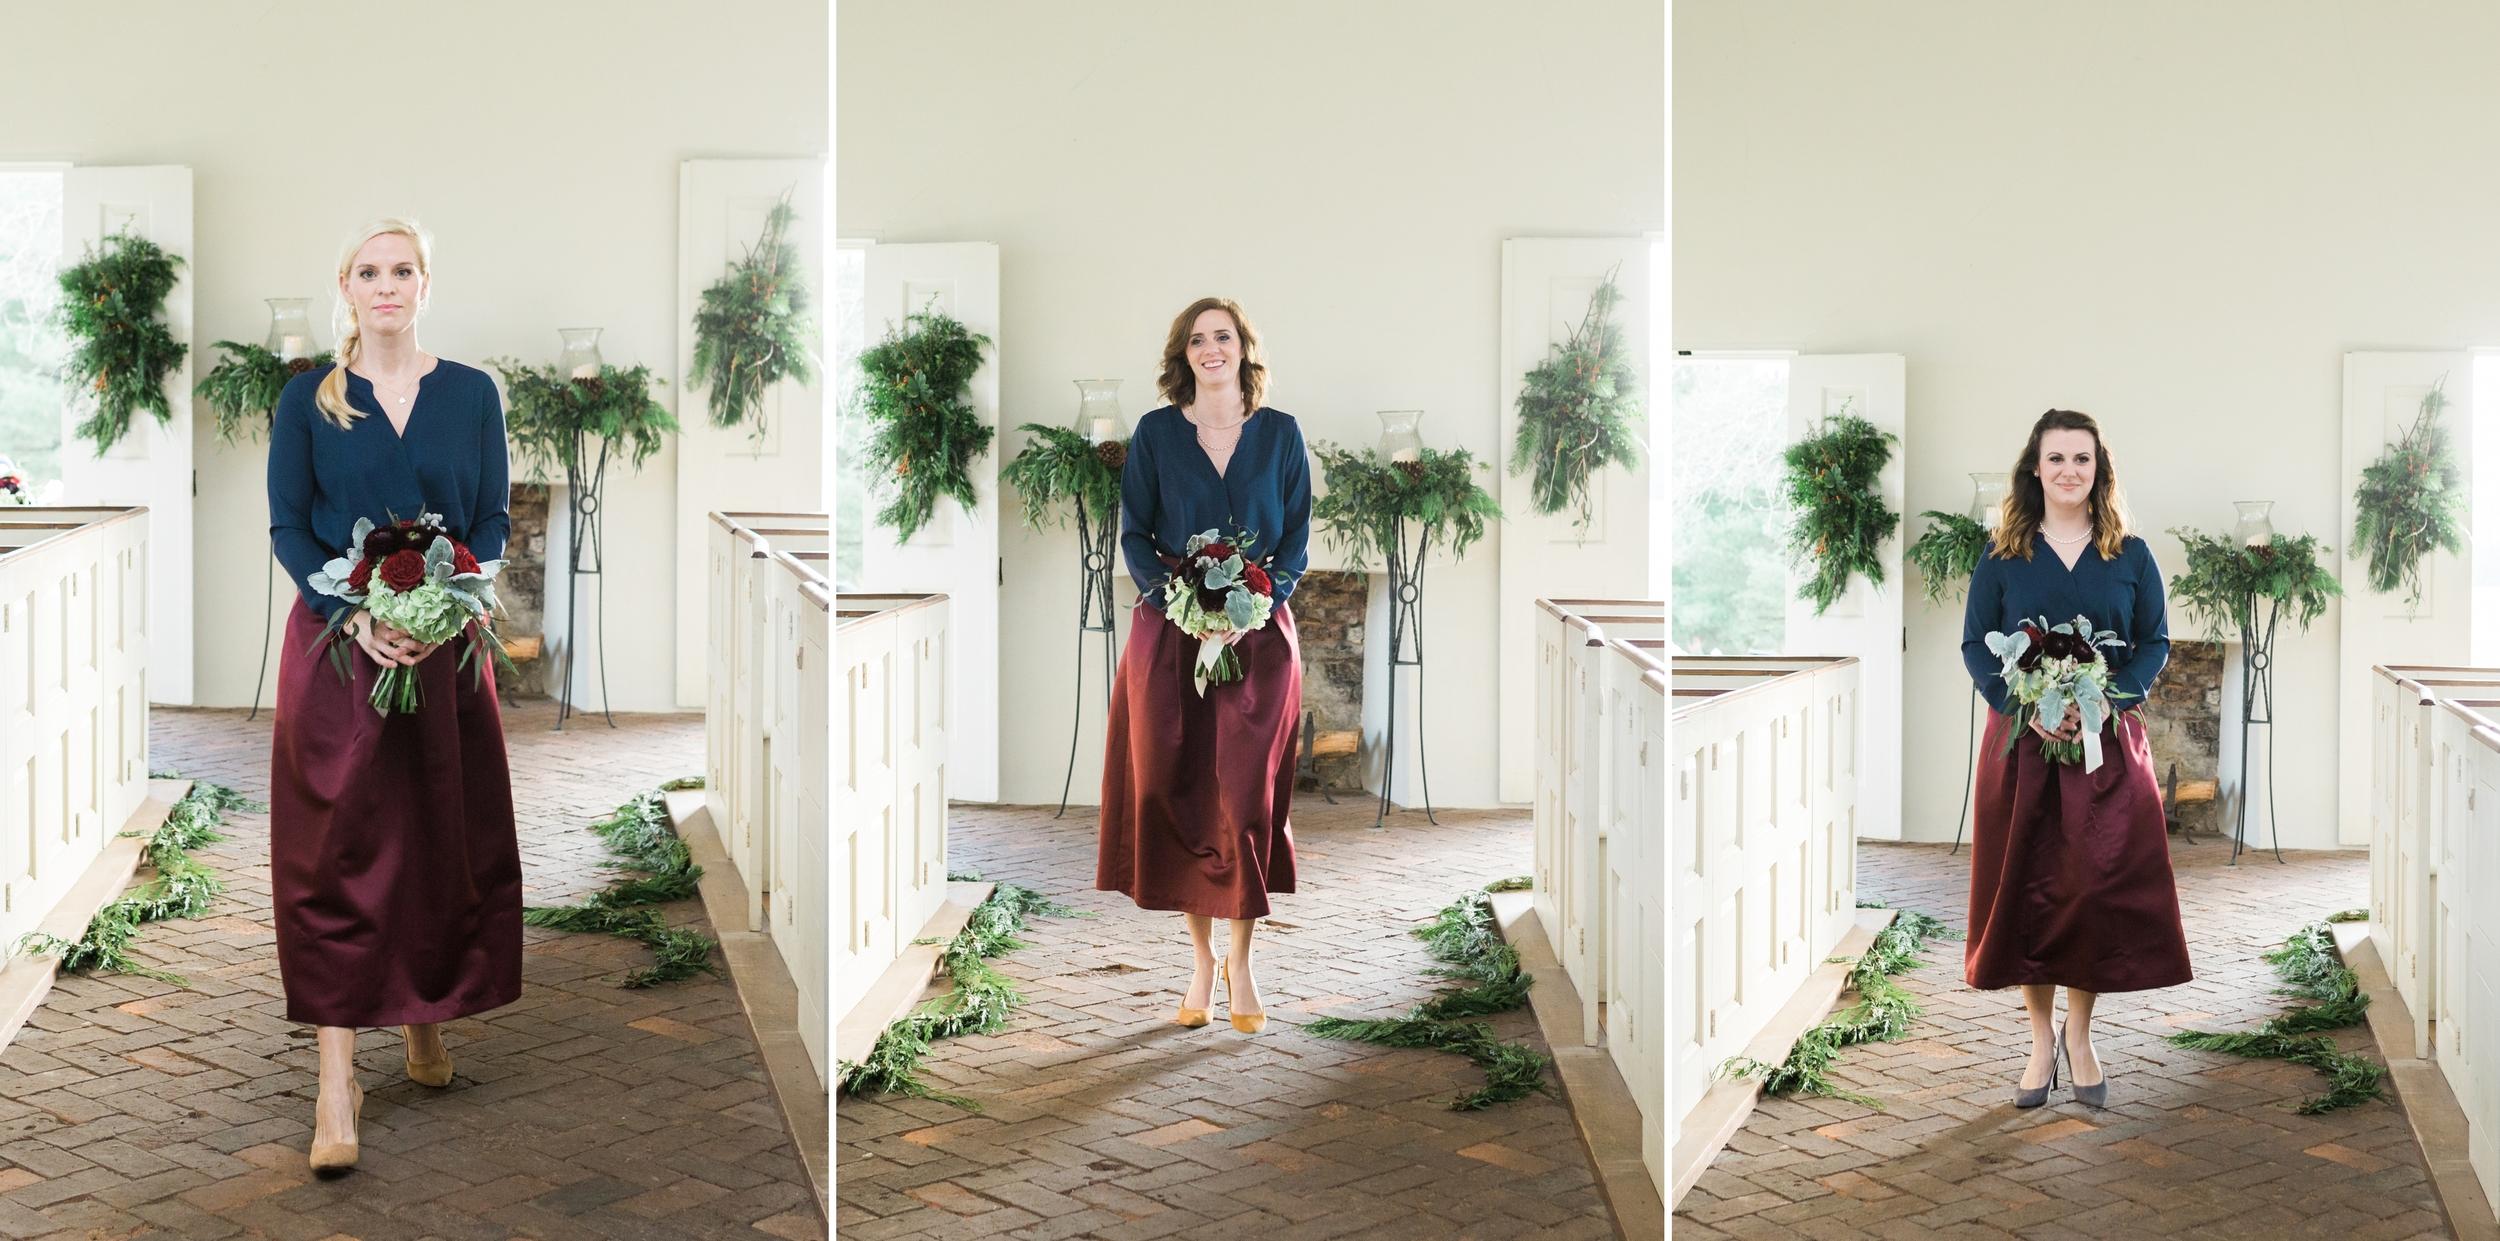 Carter and Molly Blanton - Wedding 19.jpg